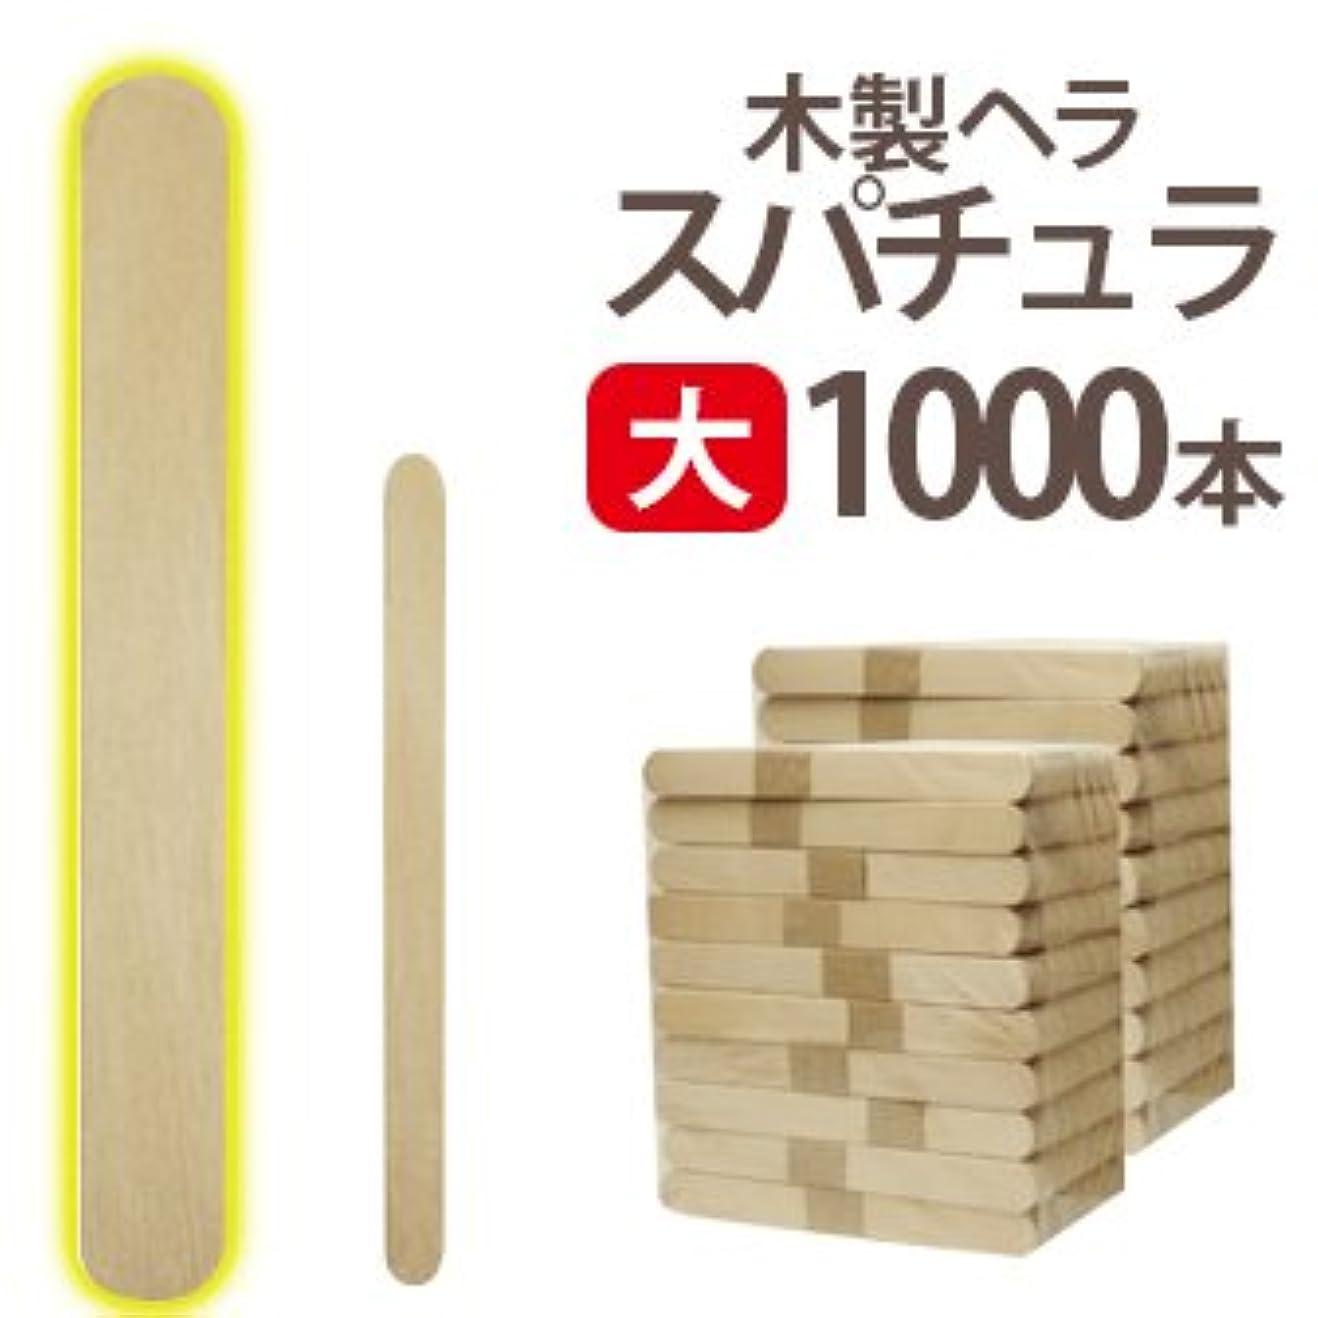 ハムクラウド詳細に大 ブラジリアンワックス 業務用1000本 スパチュラ Aタイプ(個別梱包なし 150×16)